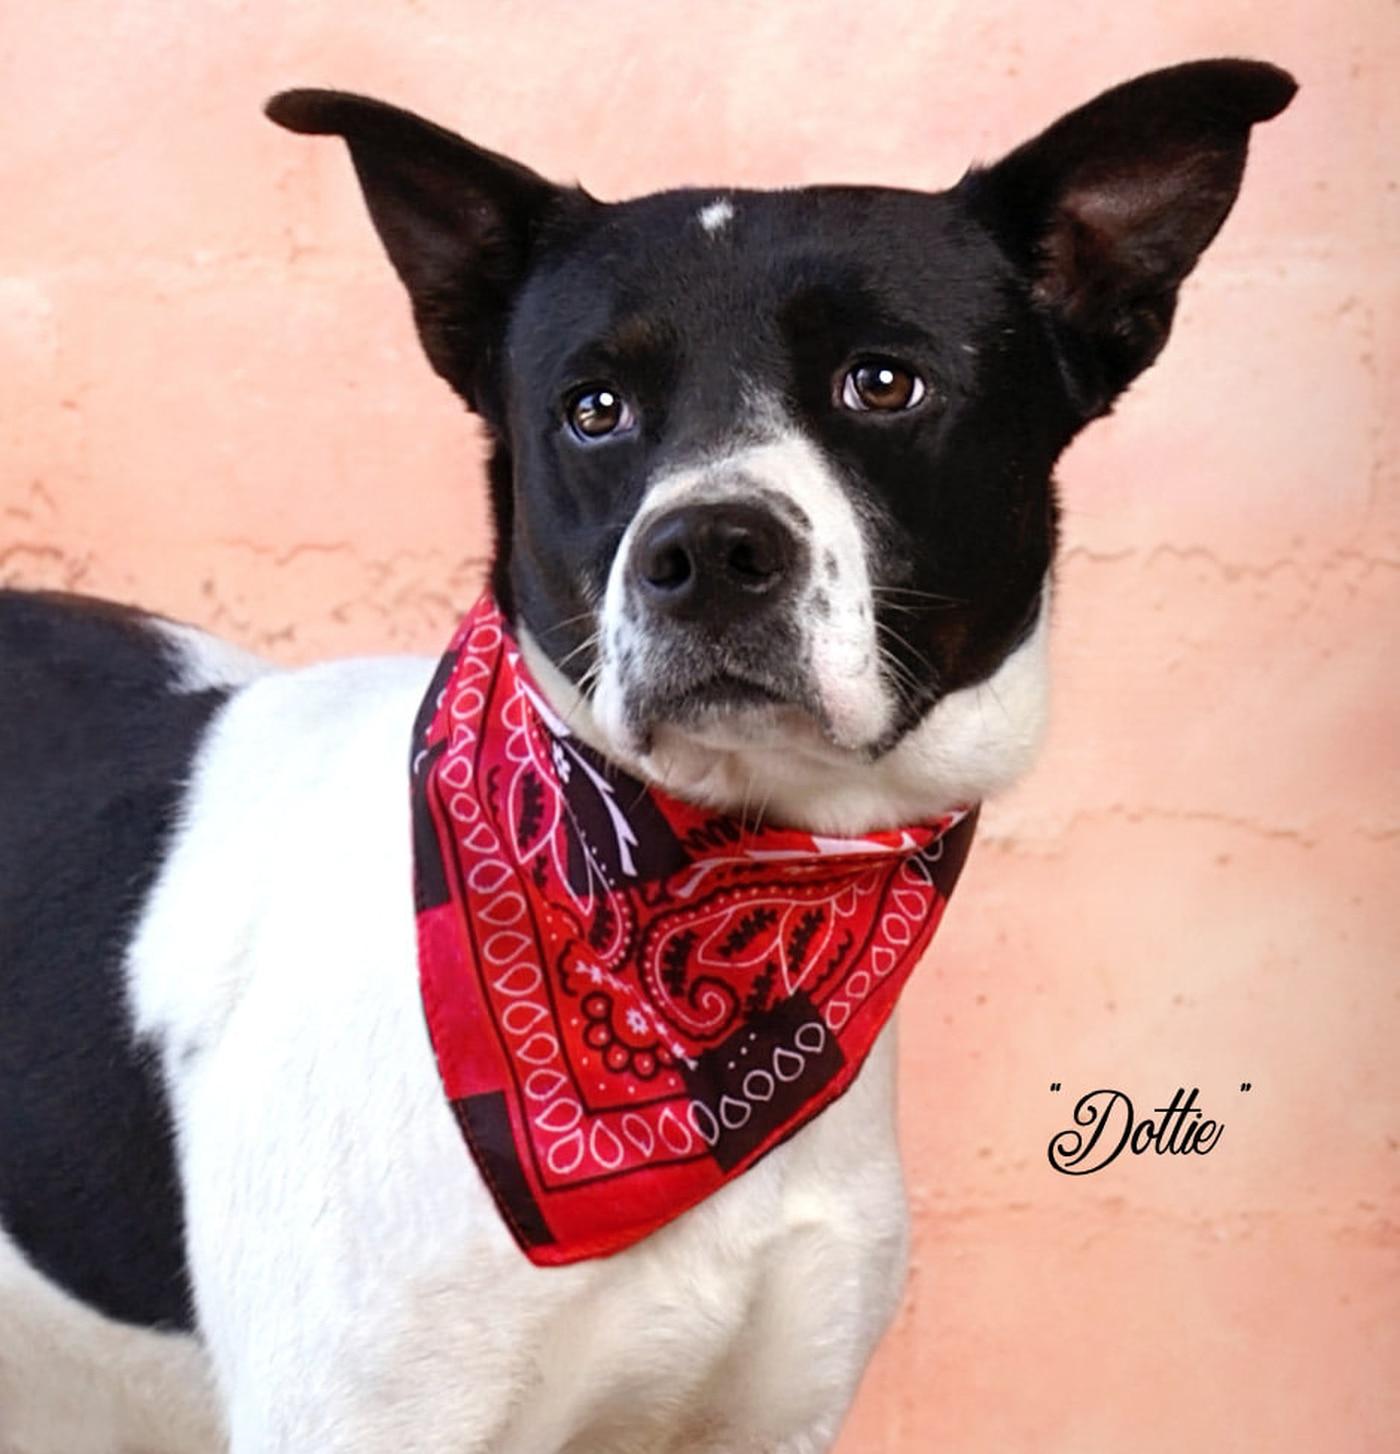 KCBD's Pet of the Day: Meet Dottie